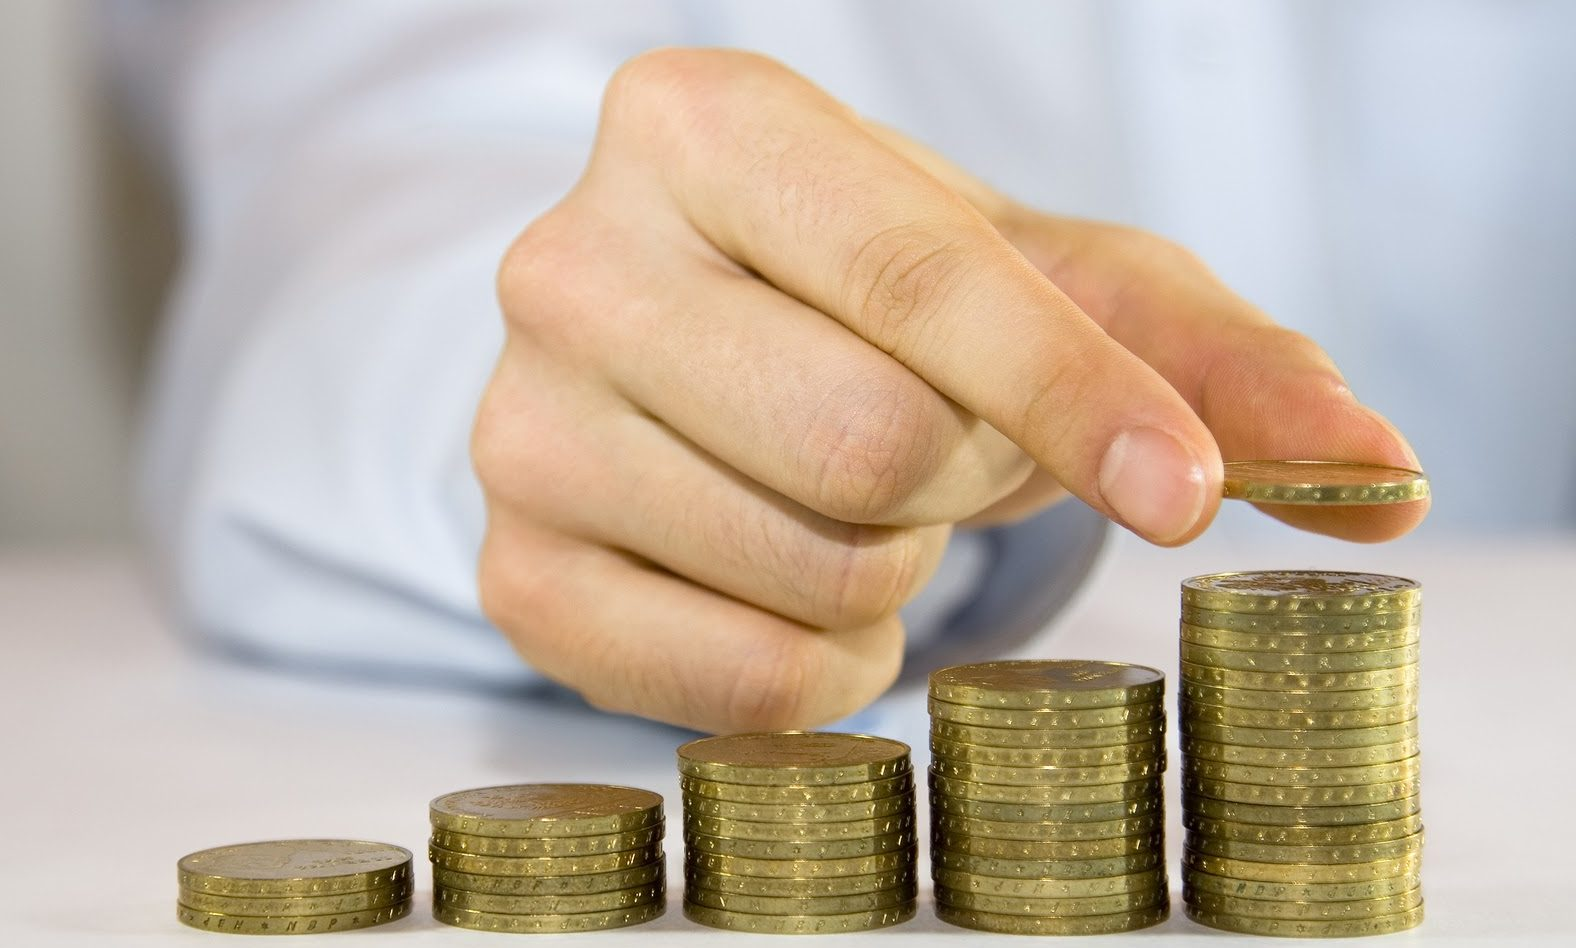 hogyan lehet igazán pénzt keresni